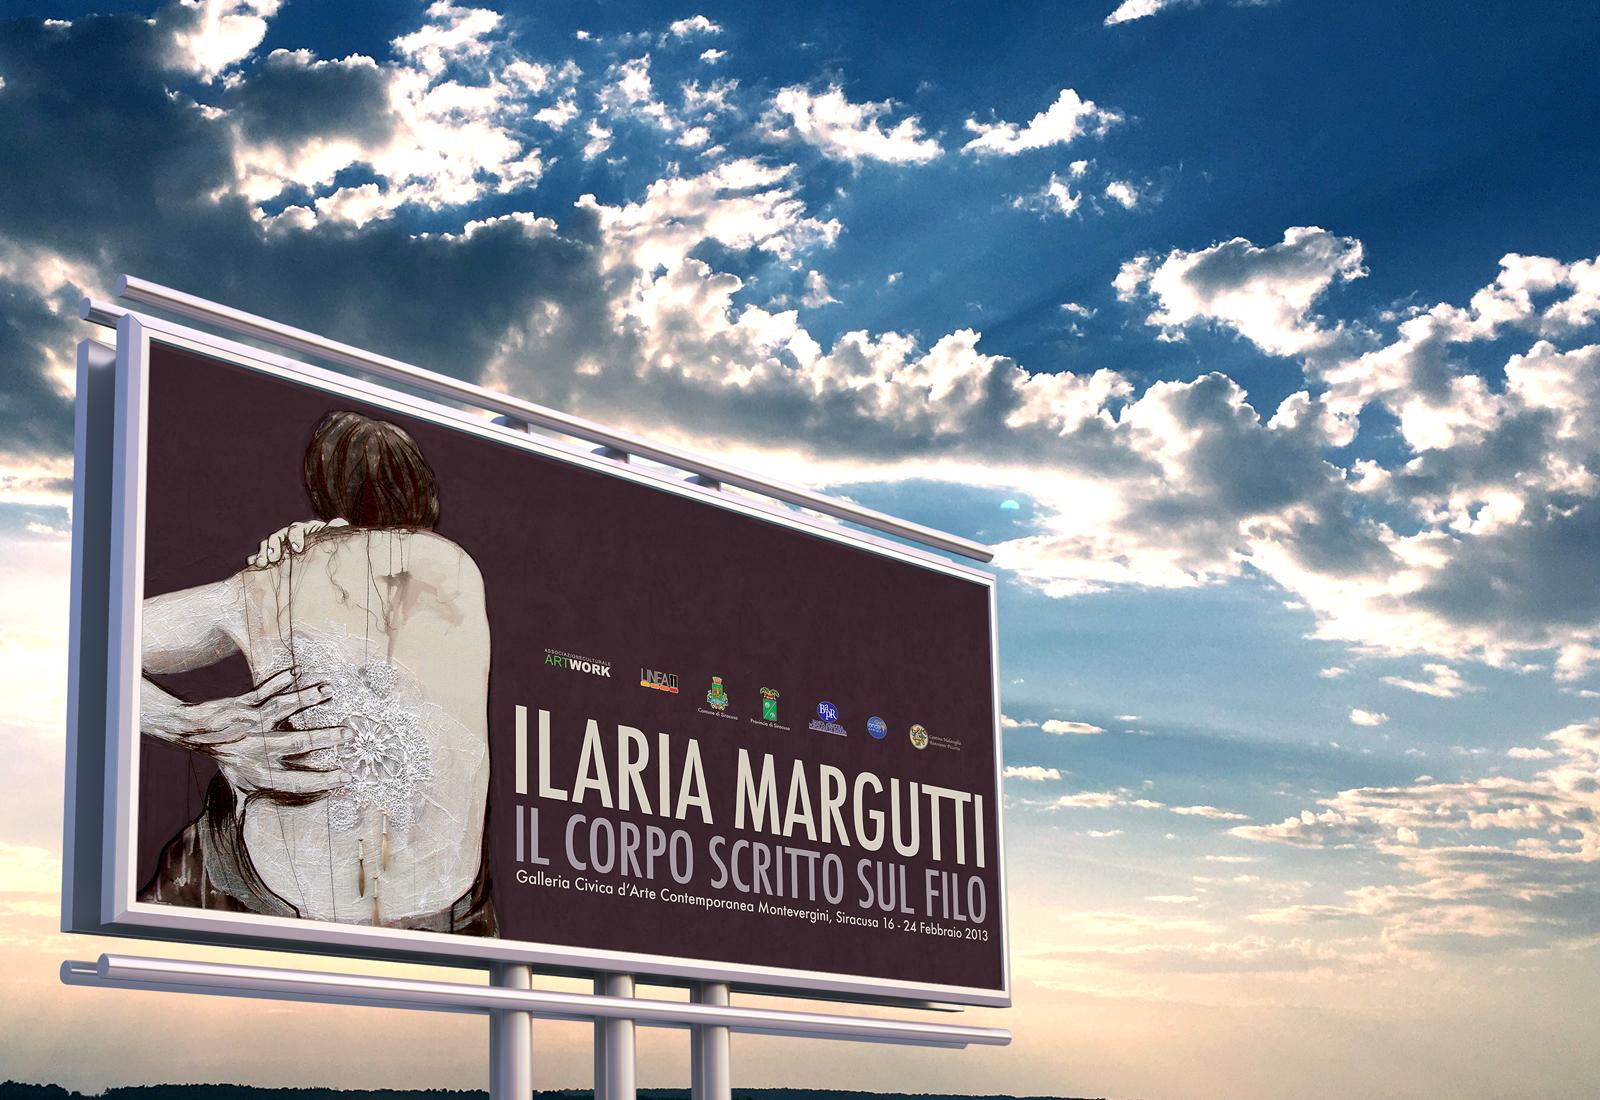 2013 ILARIA MARGUTTI - Linea 11 Siracusa - Comunicazione, eventi, pubblicazioni, adv, pubblicità